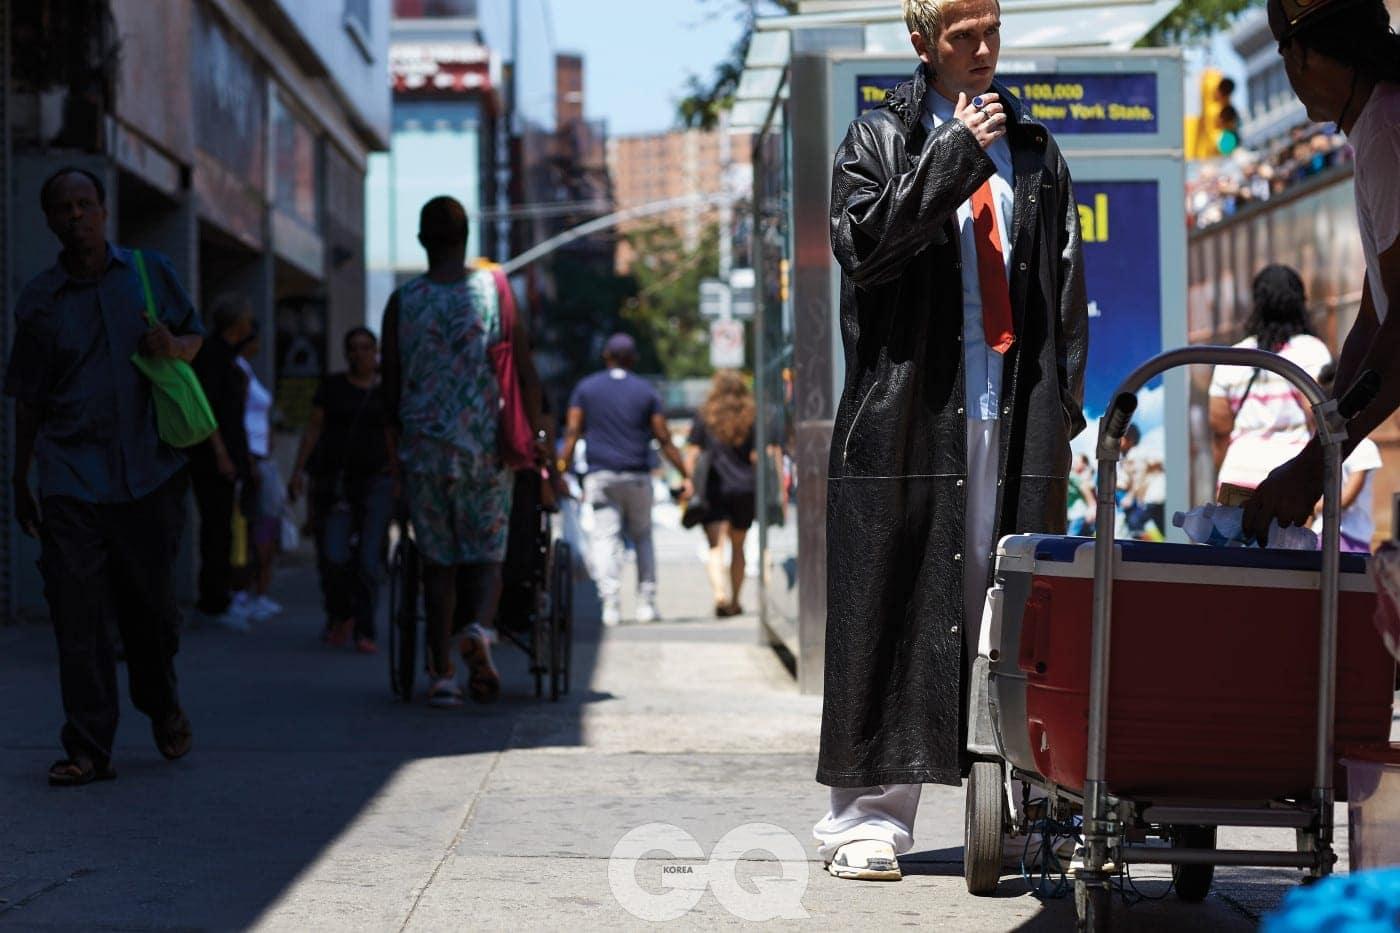 램 스킨 소재 레인 코트 가격 미정, 블루 셔츠 가격 미정, 레드 타이 가격 미정, 화이트 코튼 트랙 수트 팬츠 가격 미정, 트리플 에스 스니커즈 90만원대, 모두 발렌시아가.